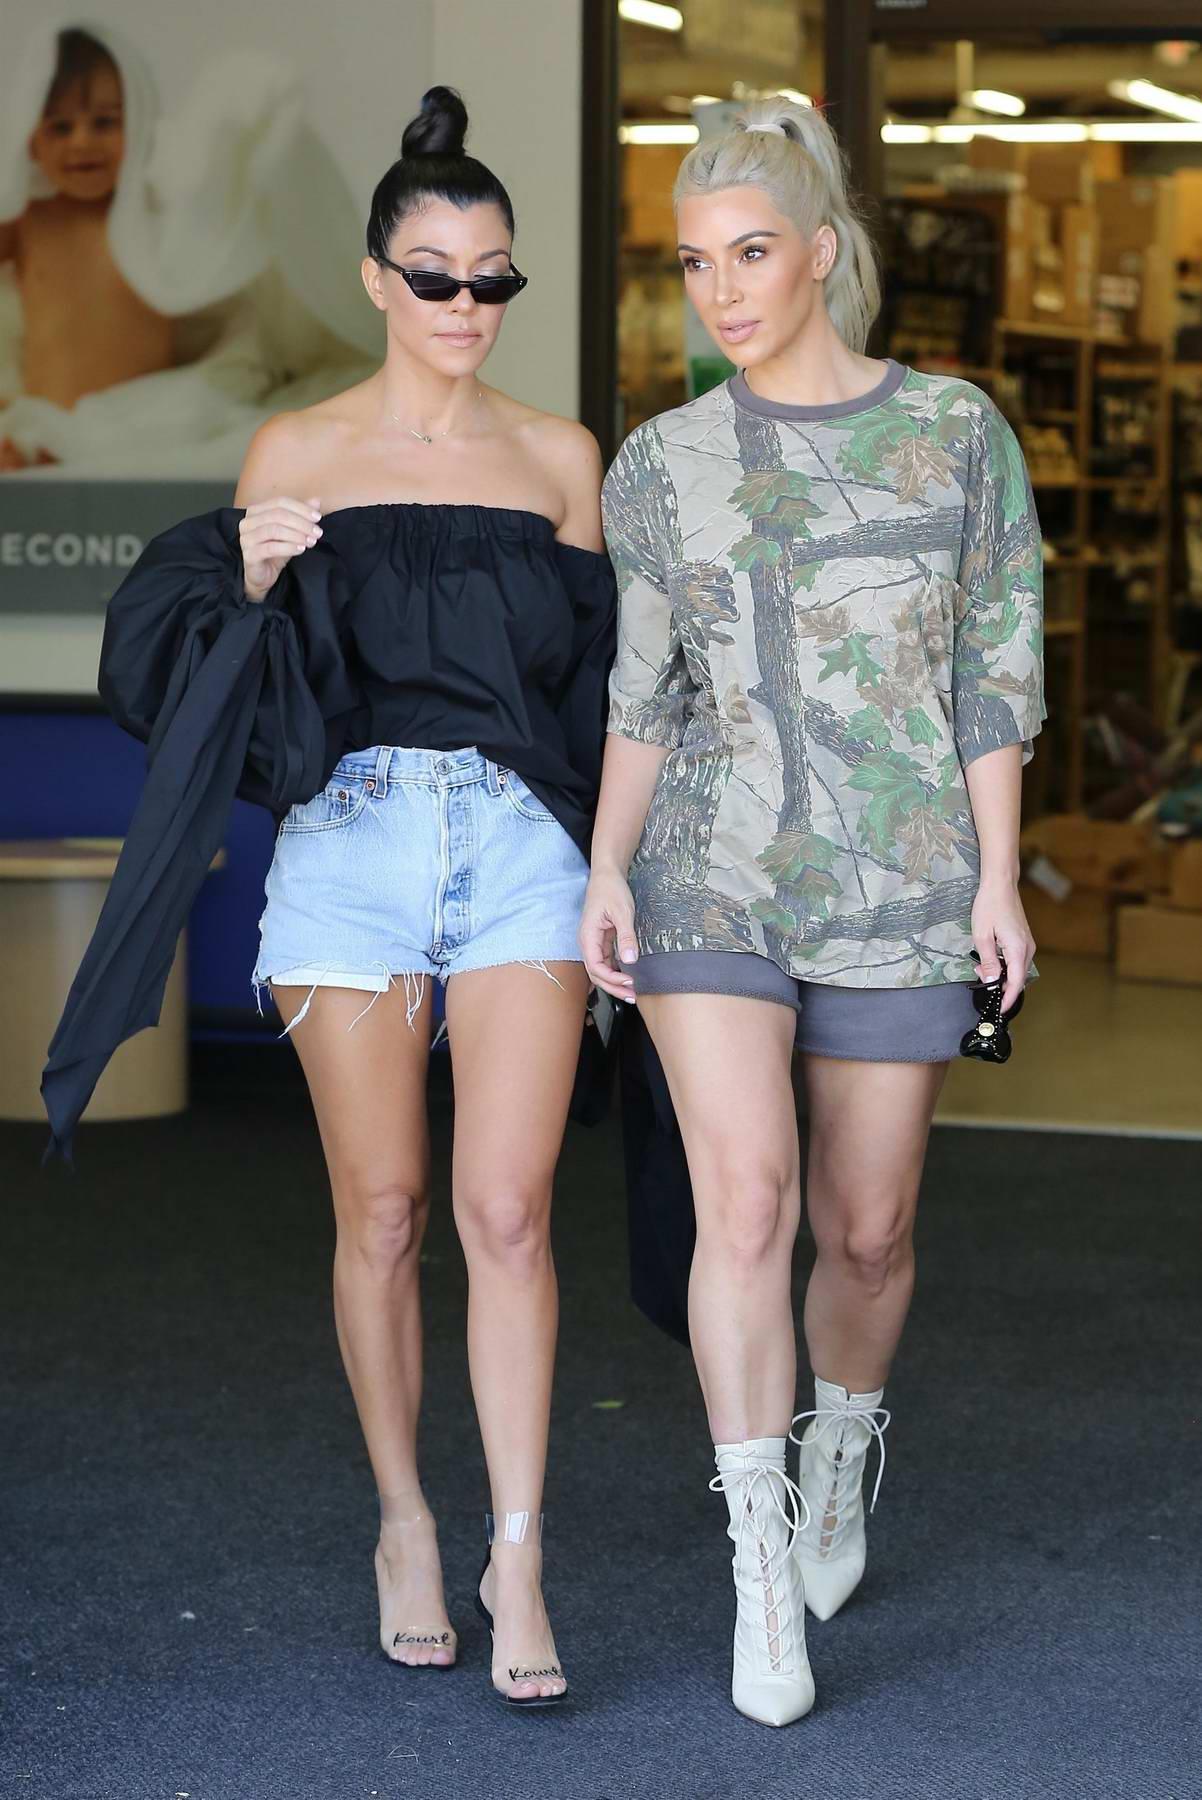 Kim Kardashian and Kourtney Kardashian go shopping at BuyBuy Baby in